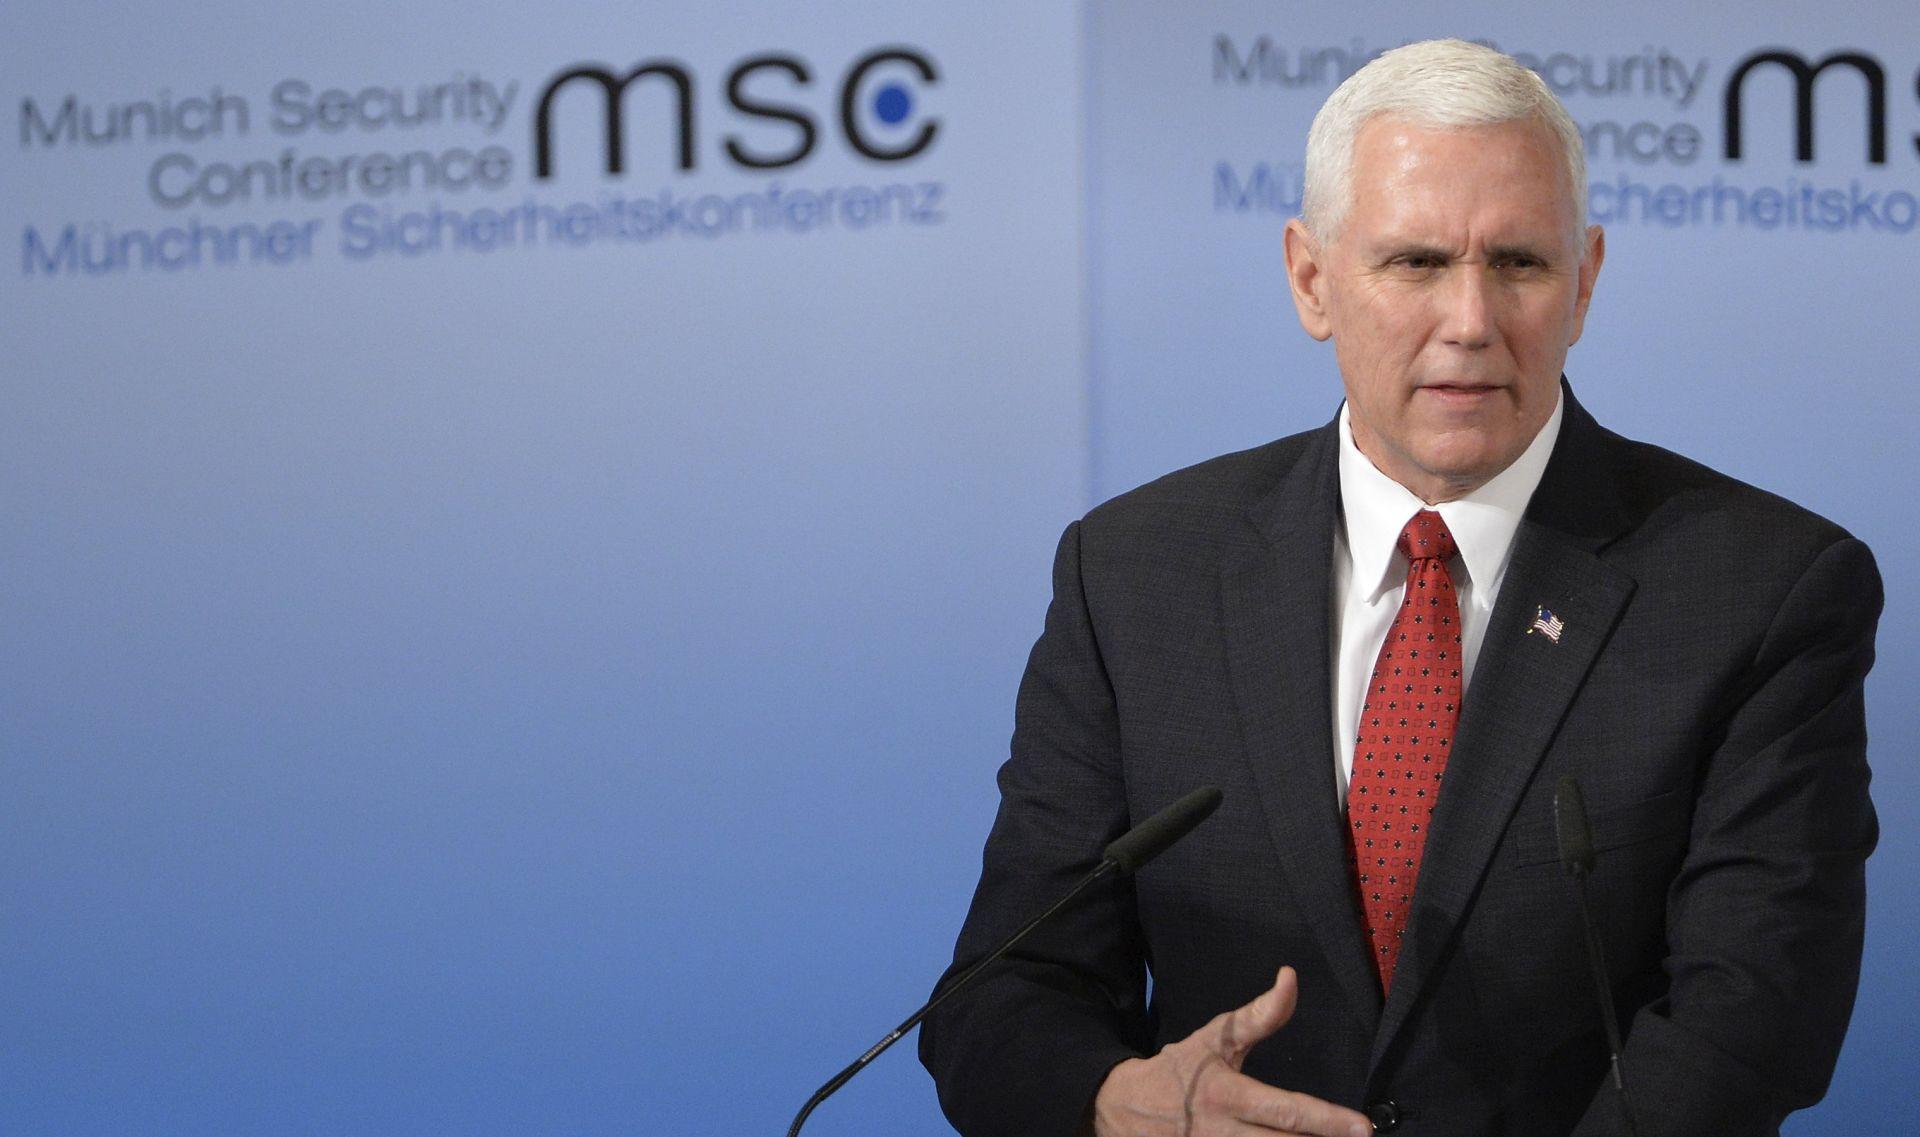 PENCE 'SAD 'nepokolebljivo' podupire NATO i drži Rusiju odgovornom za Ukrajinu'